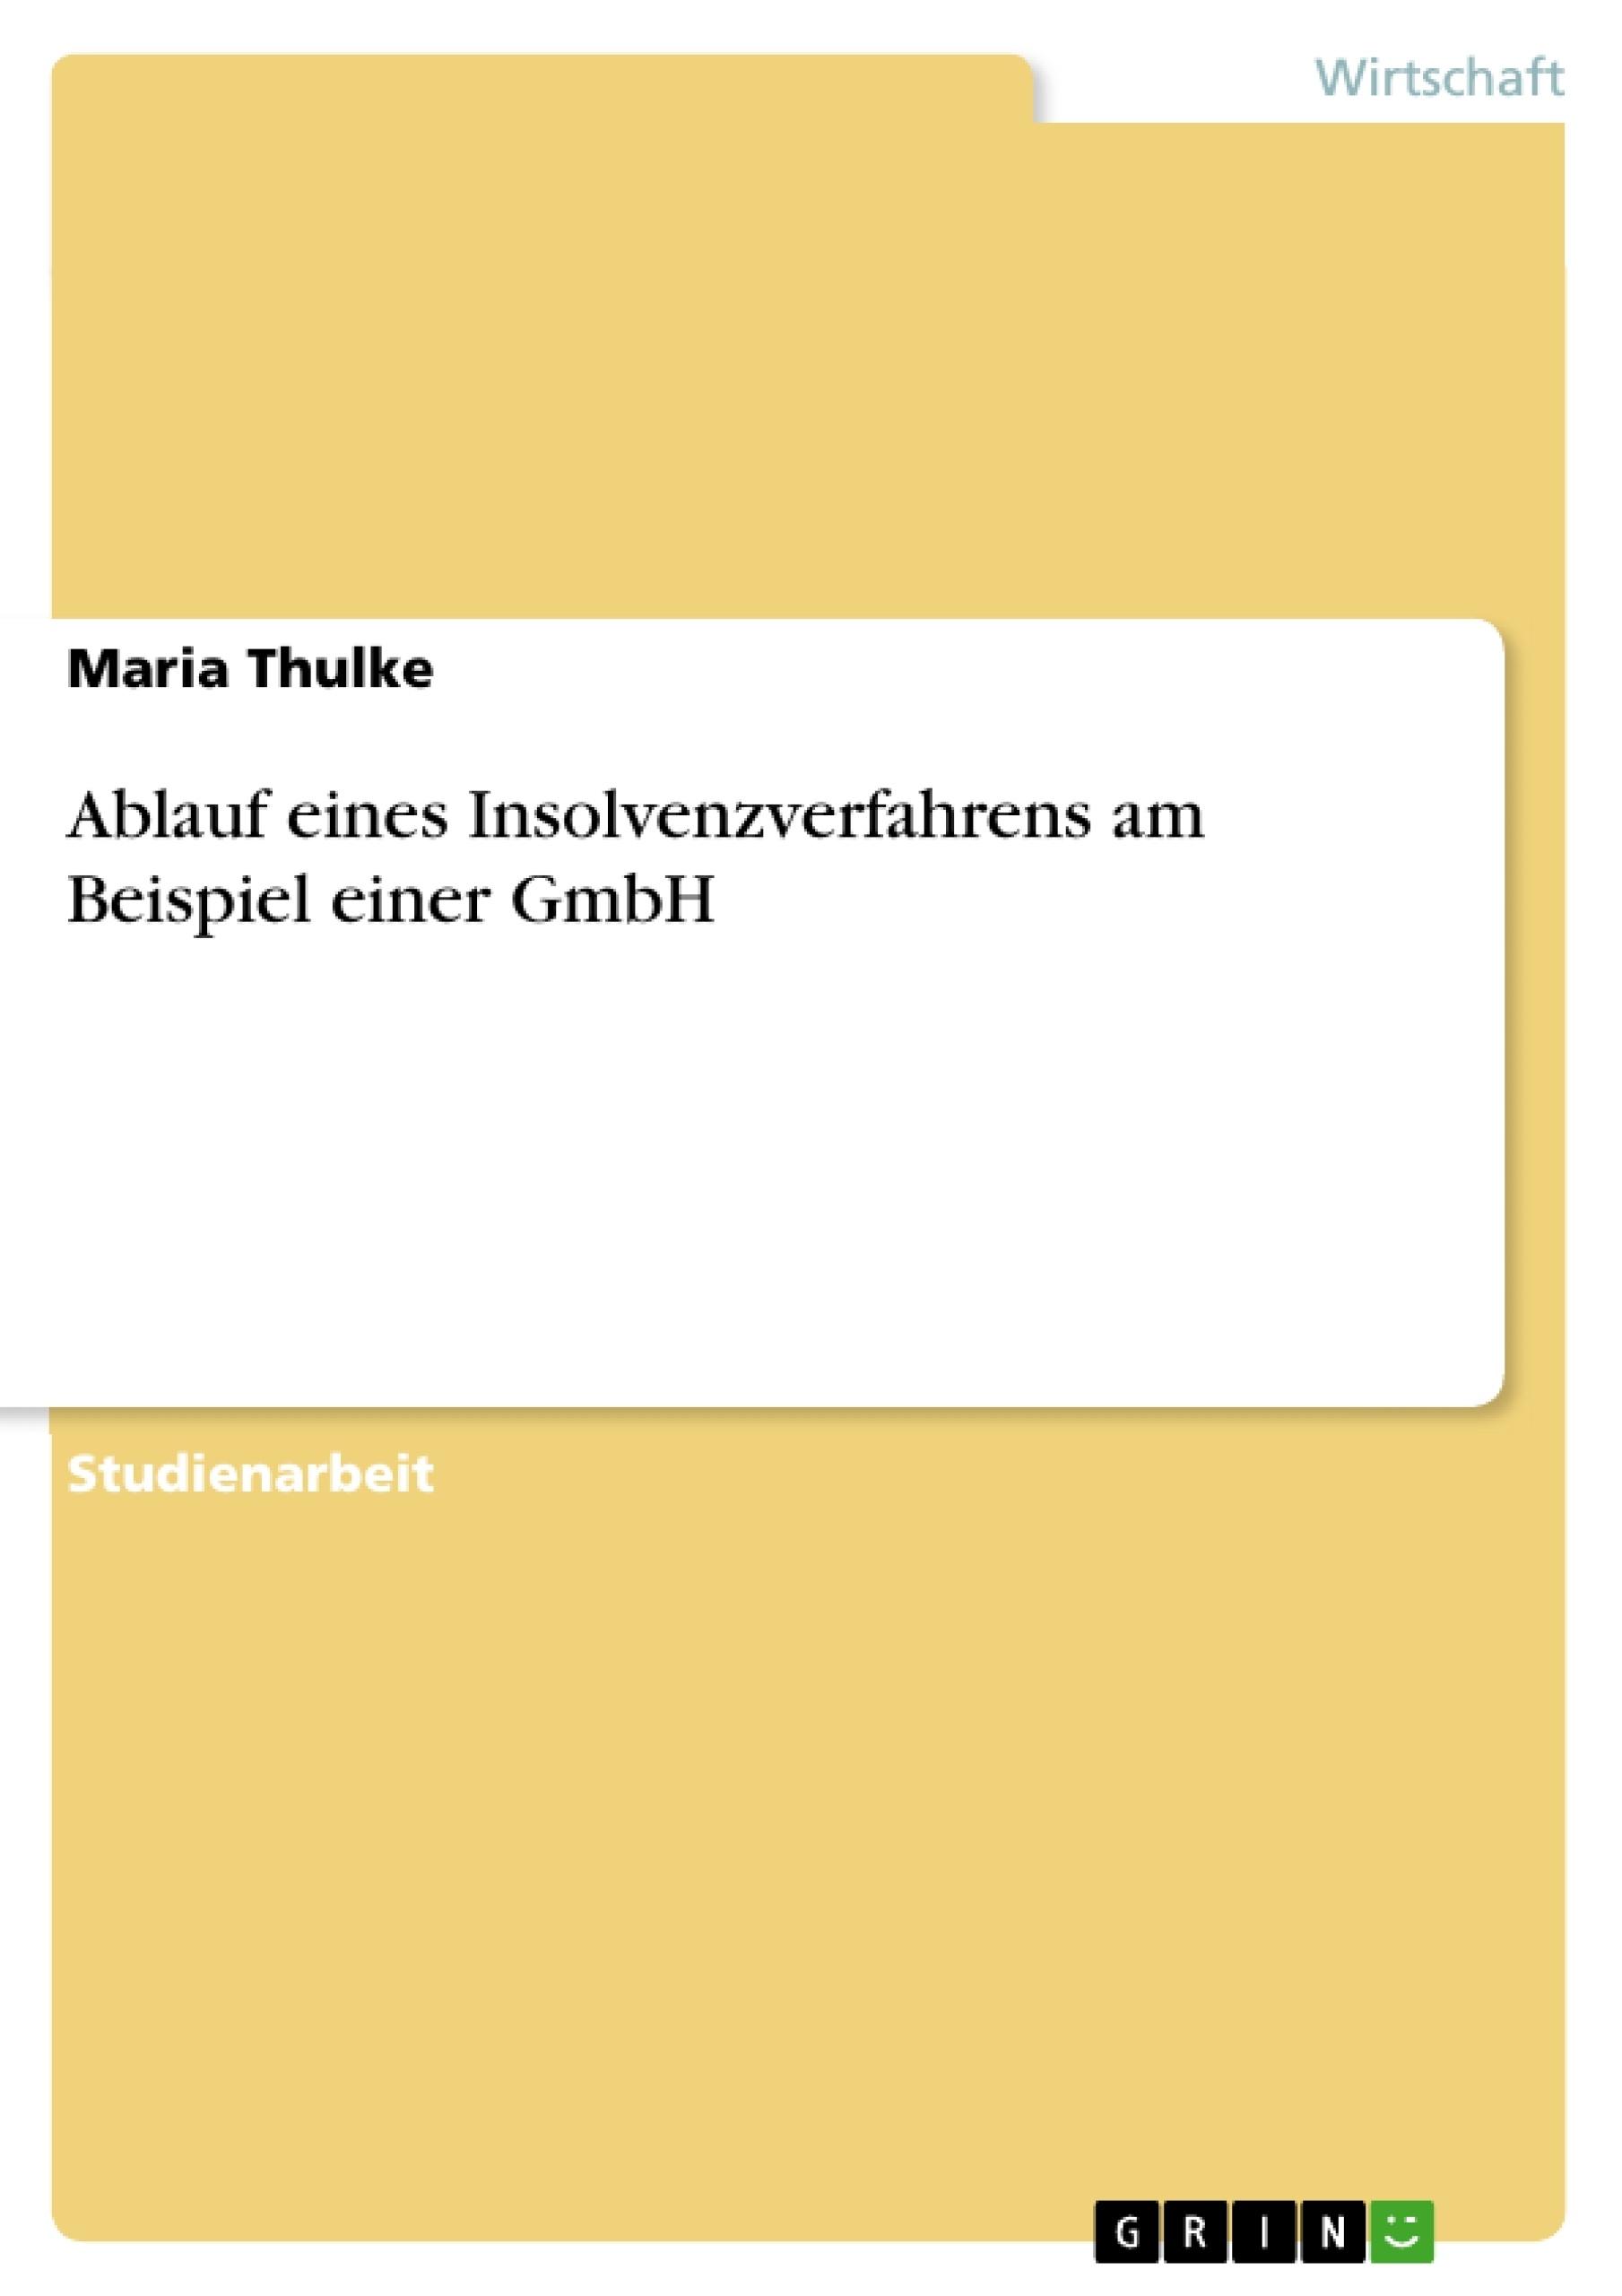 Titel: Ablauf eines Insolvenzverfahrens am Beispiel einer GmbH